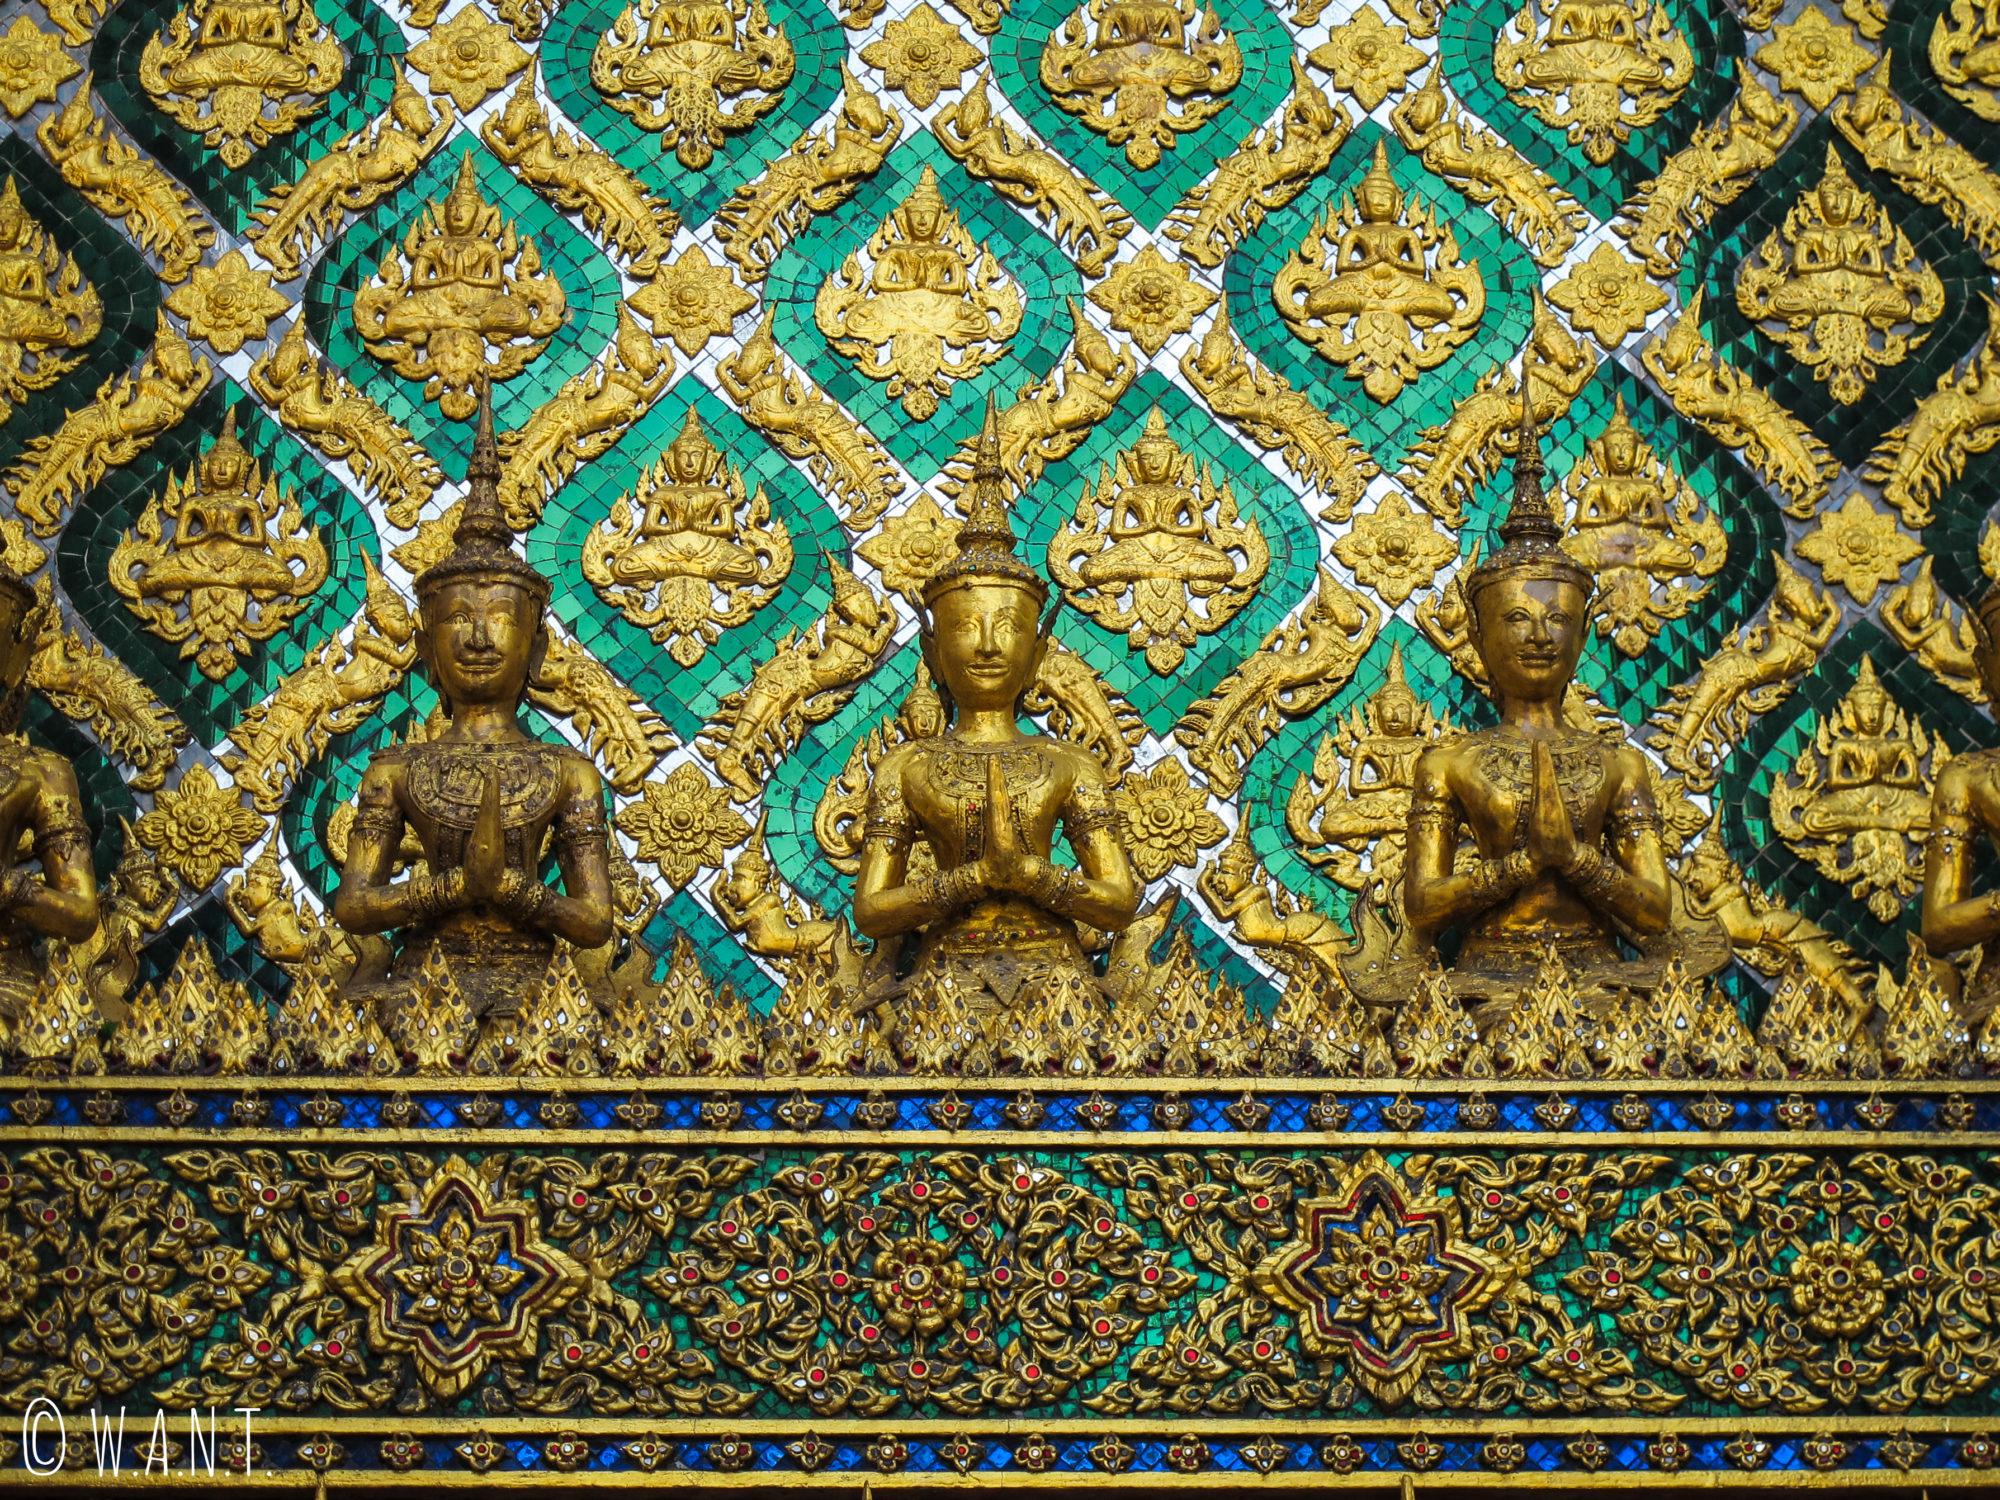 Les ornements sont très largement composés de dorure sur les bâtiments du Palais Royal de Bangkok